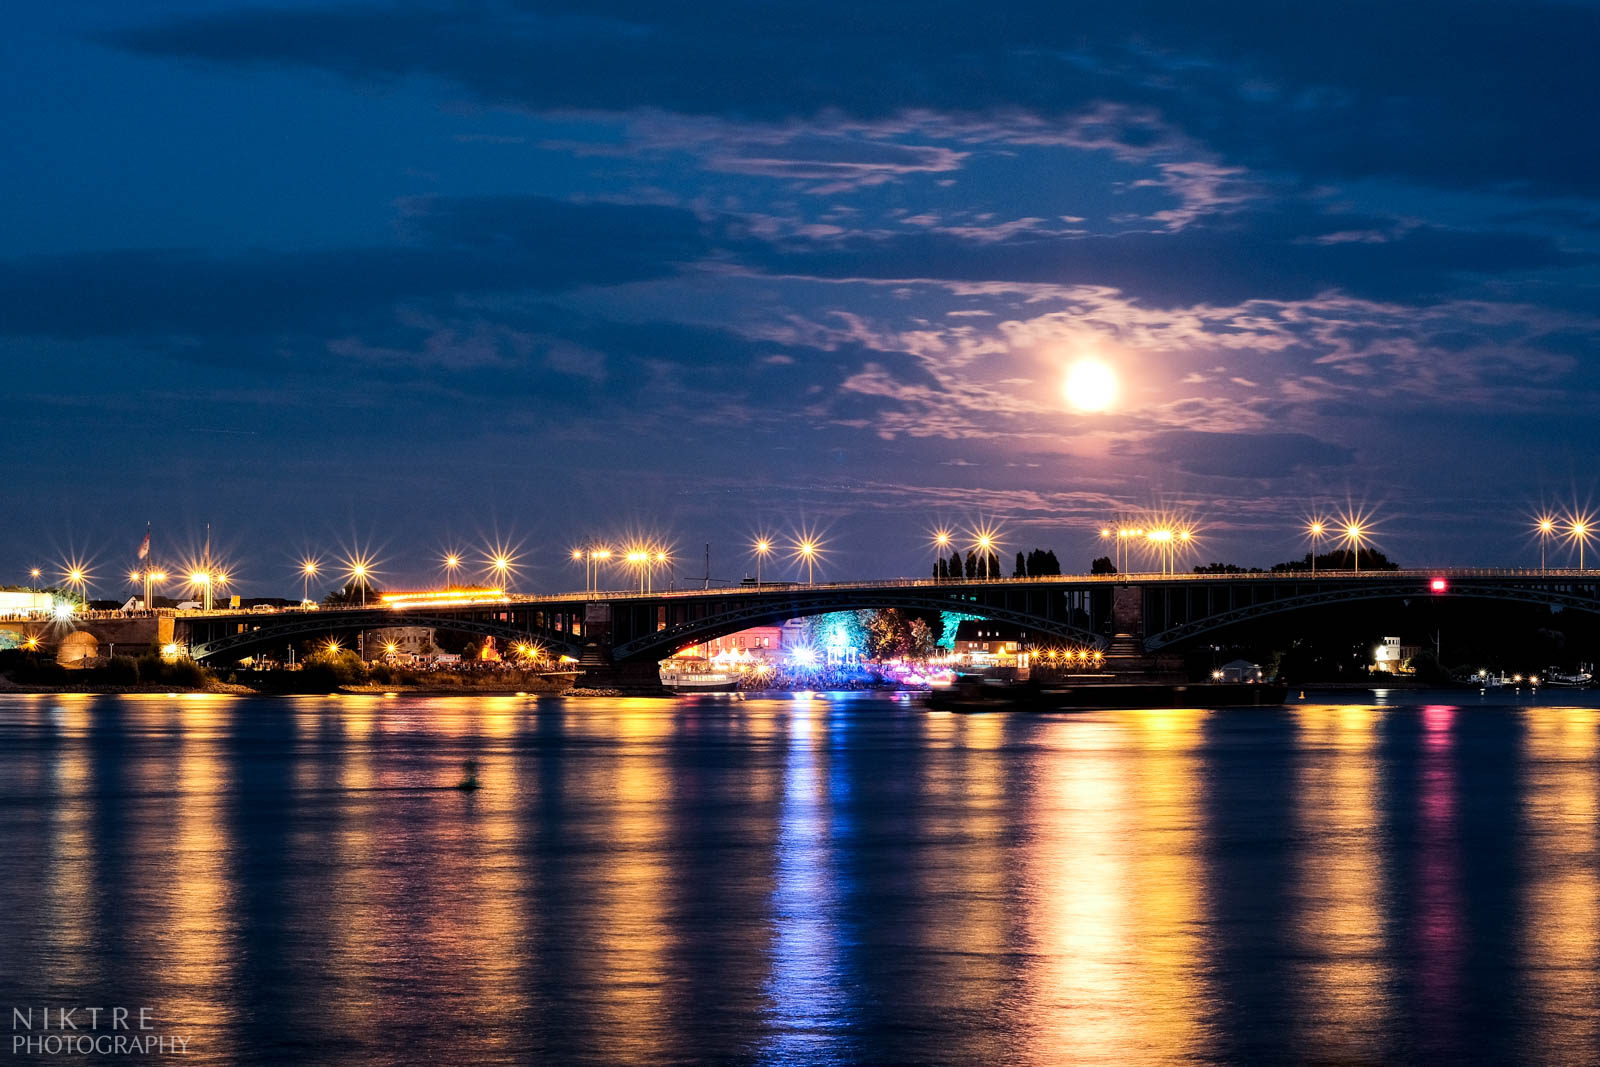 Theodor Heuss Brücke in Mainz in der Nacht